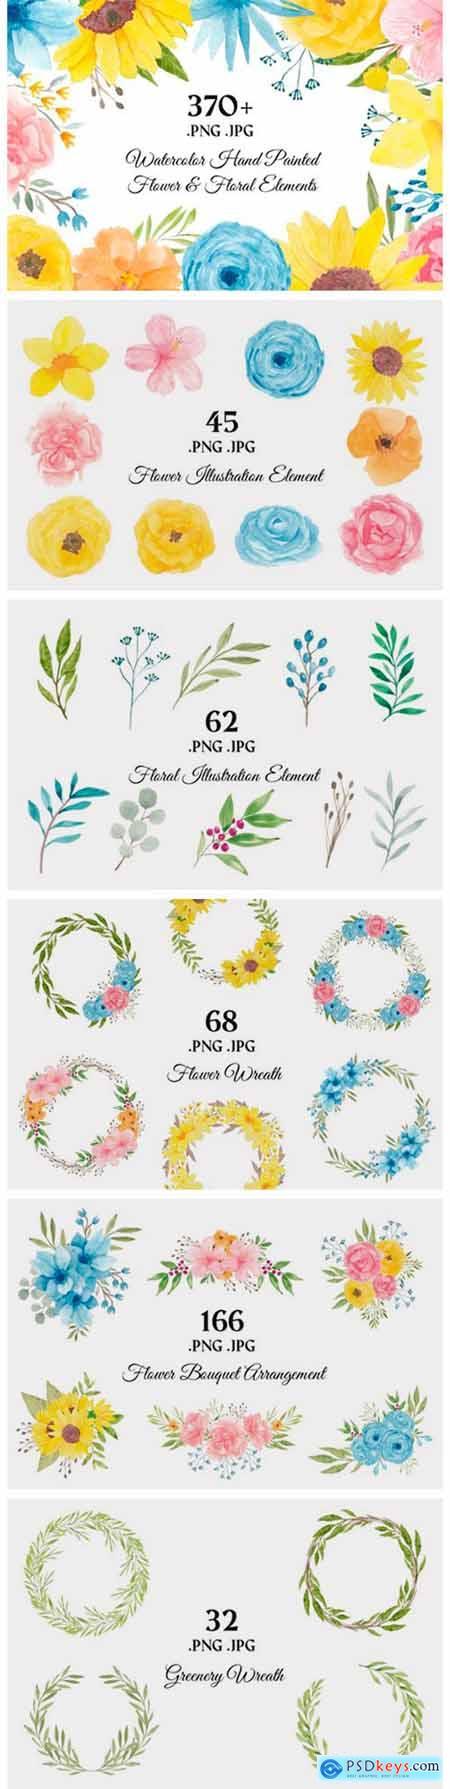 373 Flower Floral Watercolor Clip Art 2661879